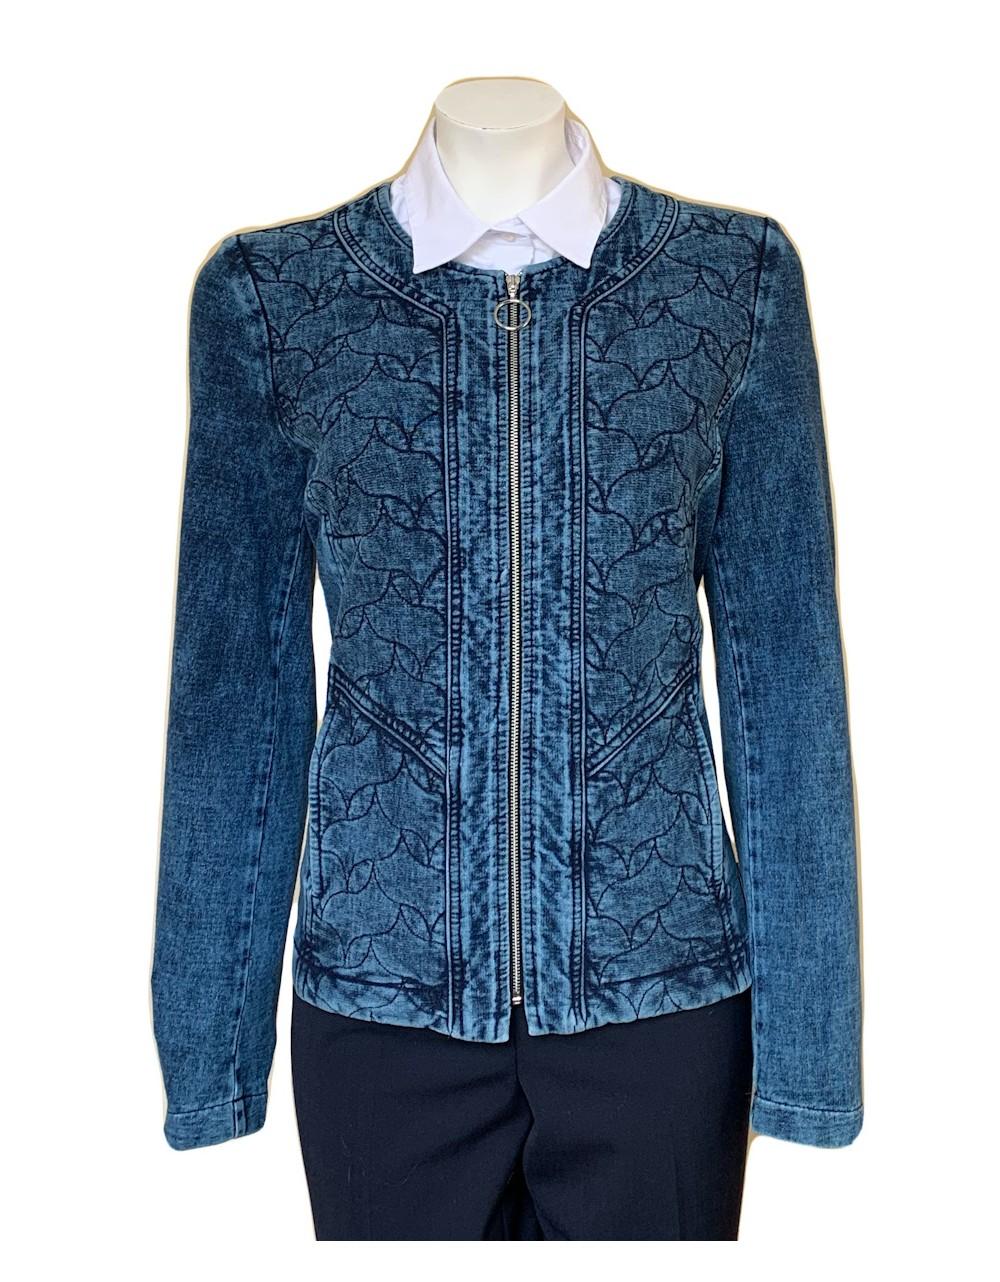 Quilted Floral Pattern Denim Jacket  Our Denim Outwear Irish Handcrafts 1